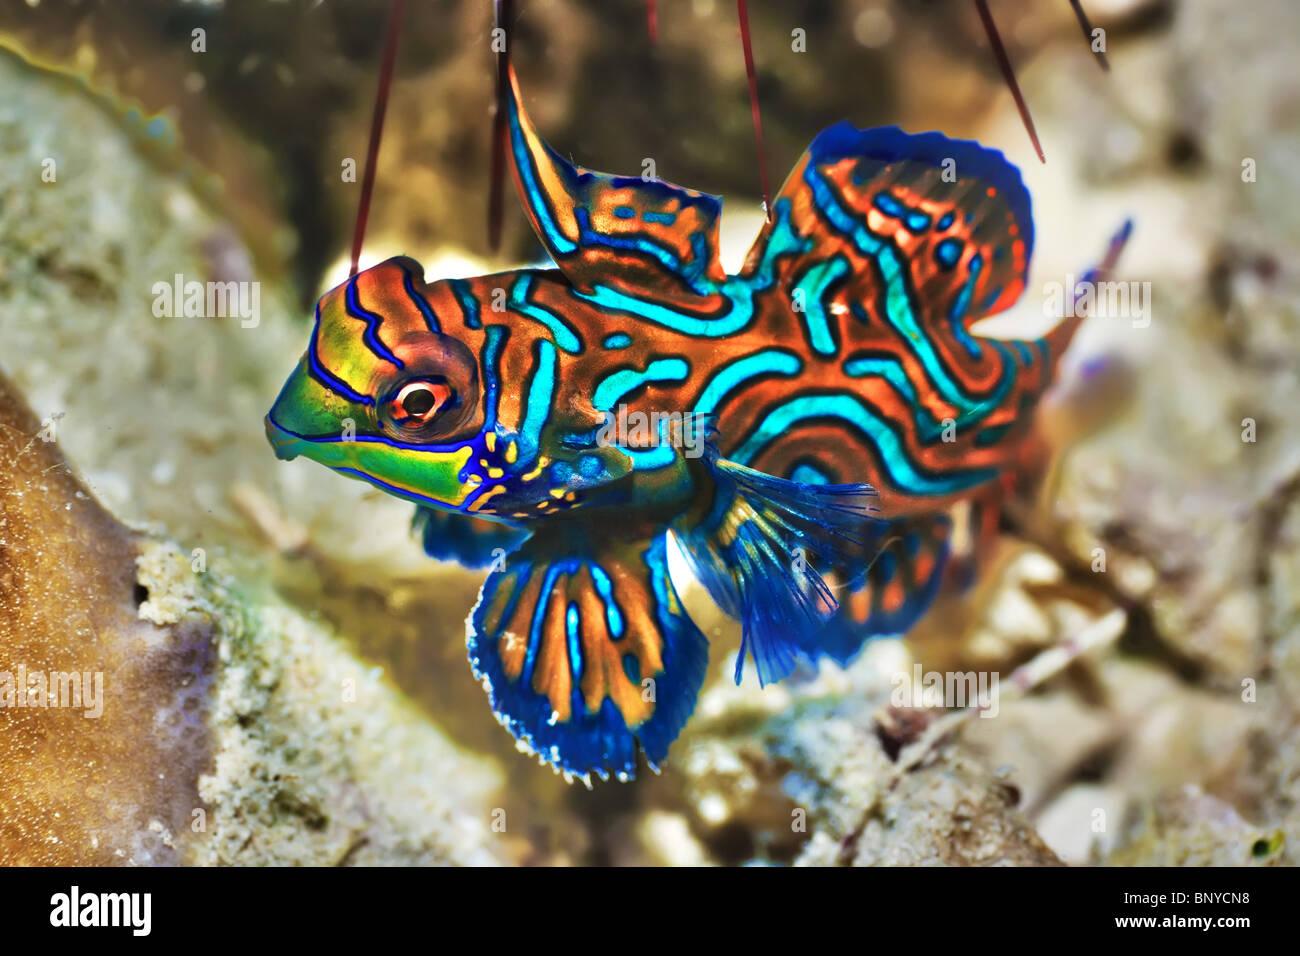 Small tropical fish Mandarinfish close-up. Sipadan ...